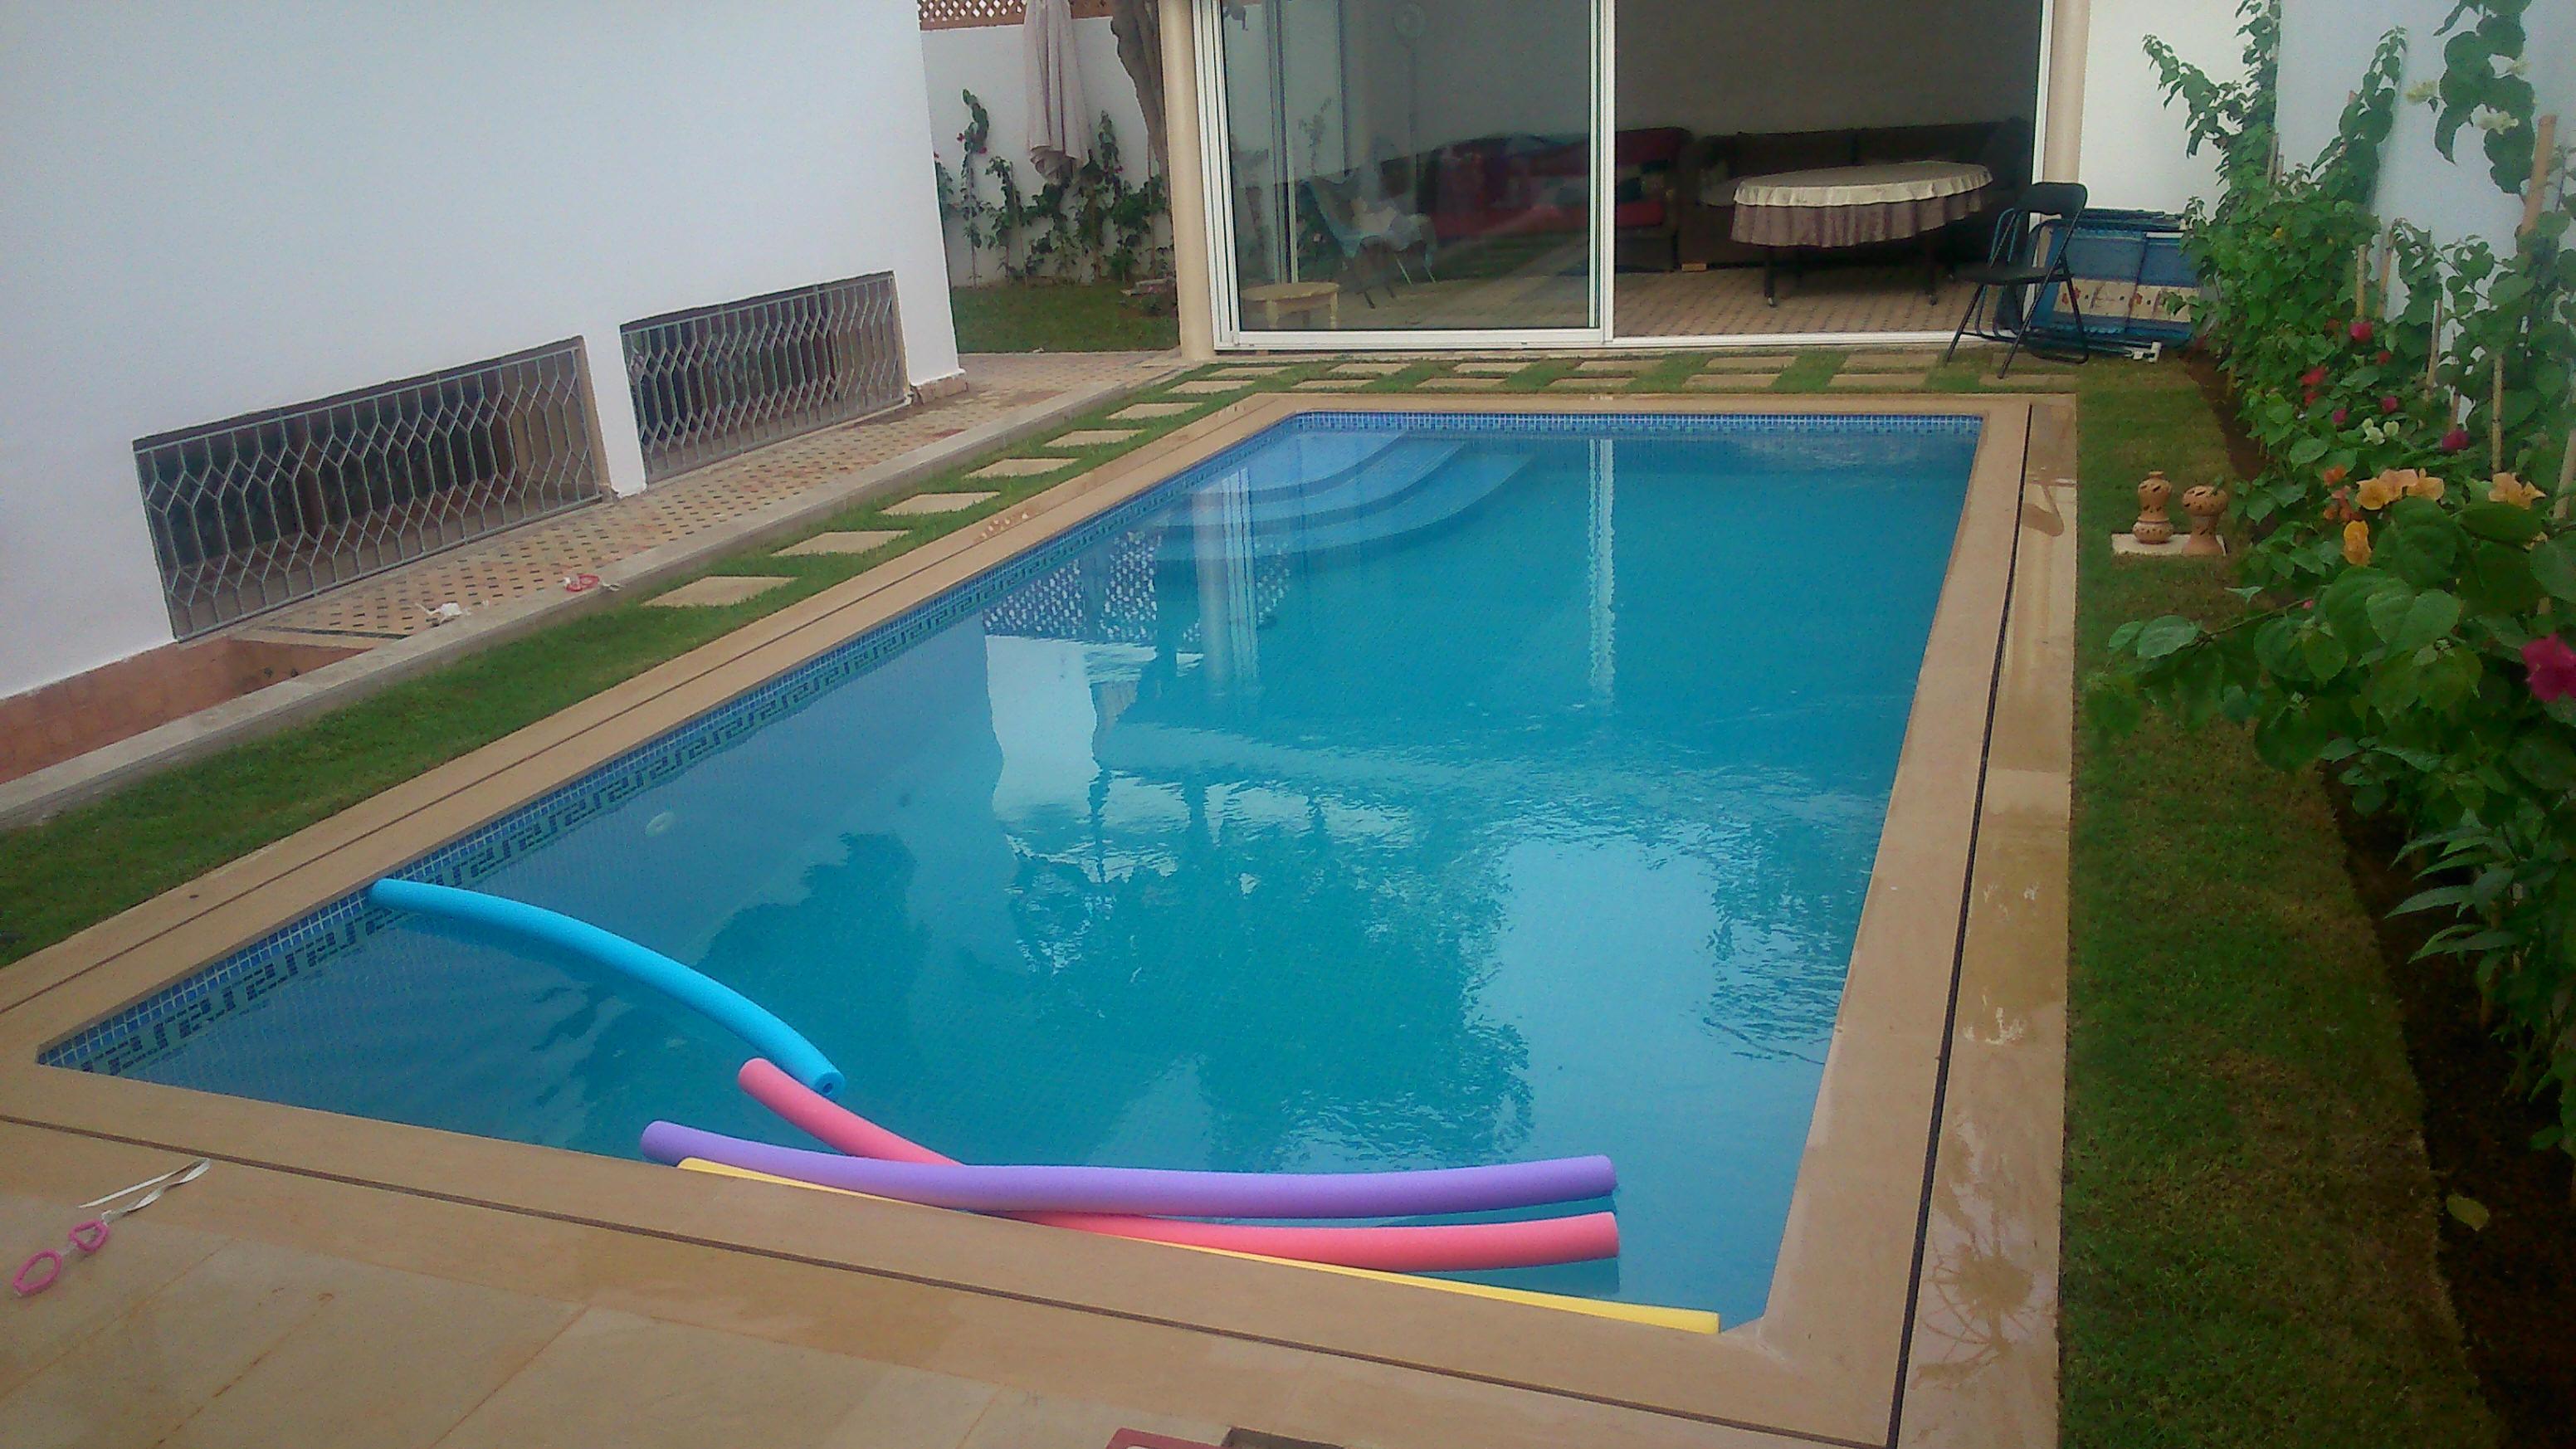 Les piscines chez isobati ma sarl maroc for Construction piscine rabat